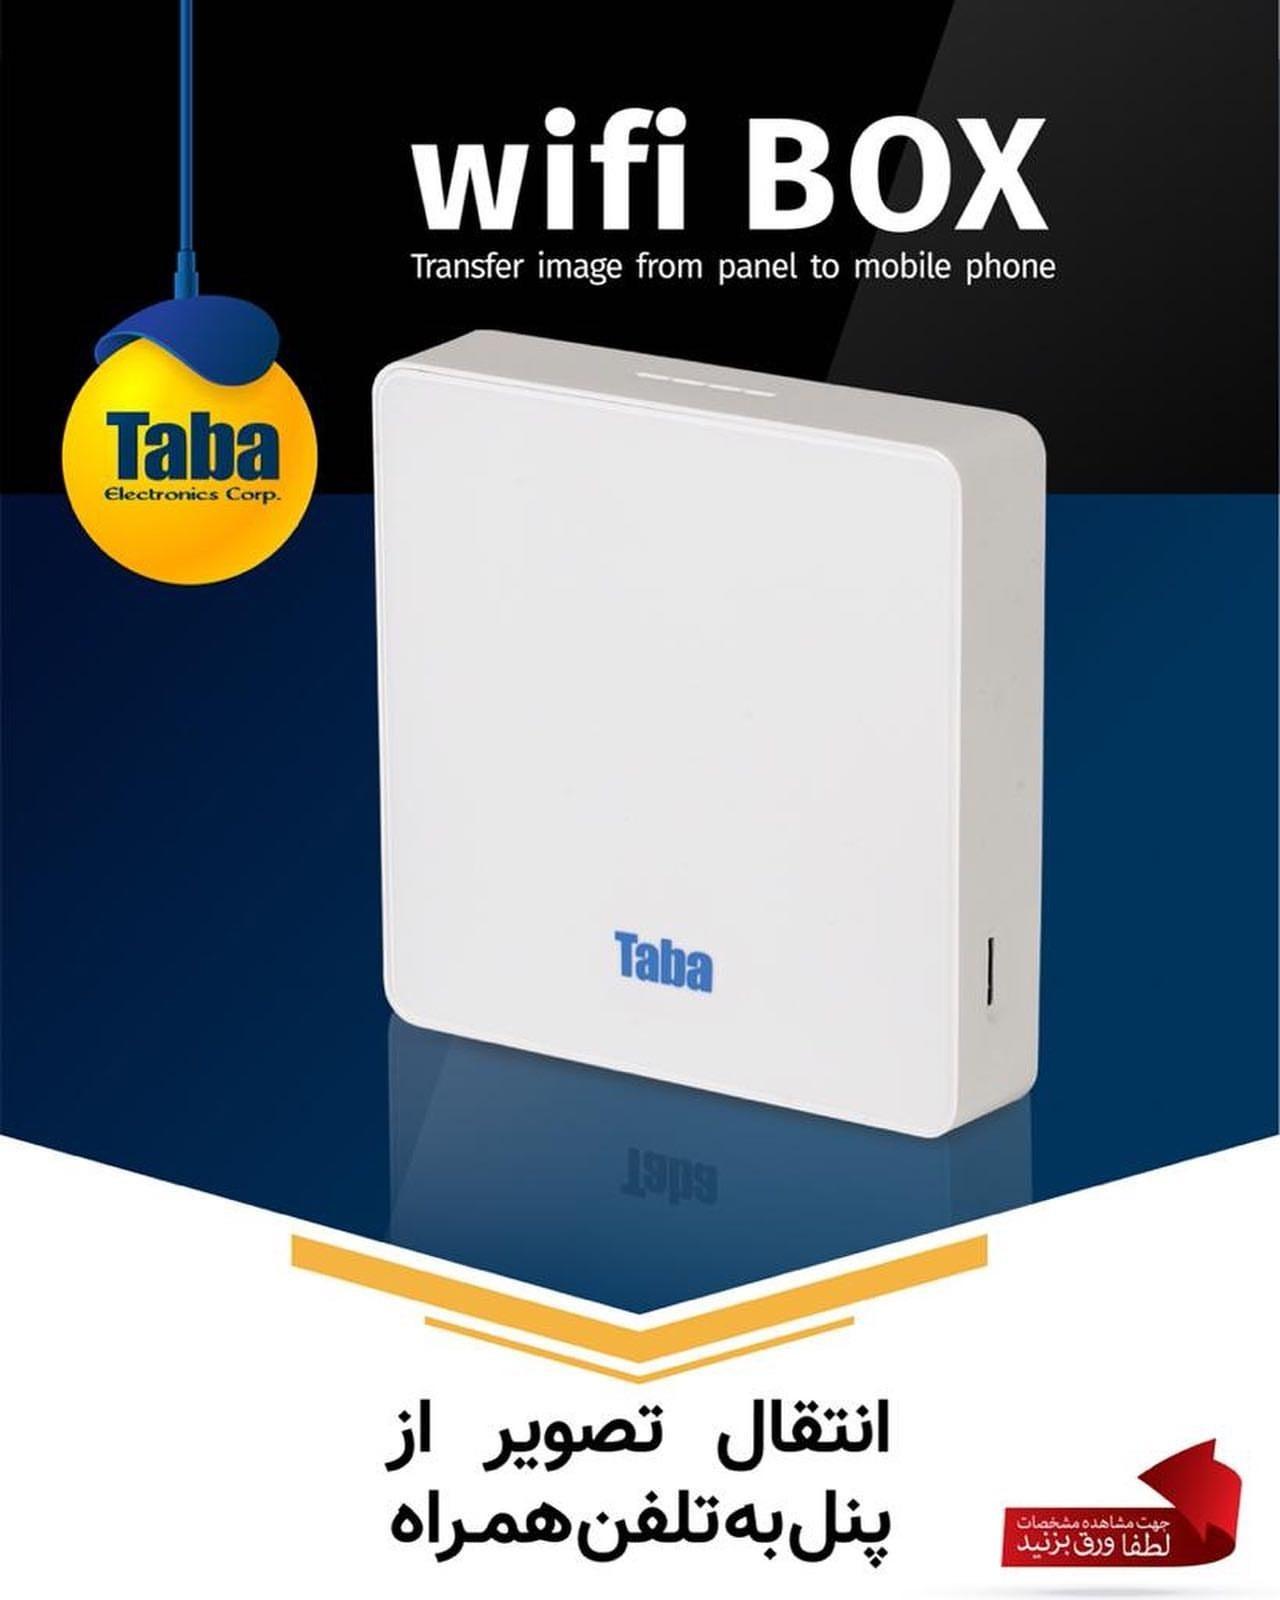 تصویر وای فای باکس (wifi box) آیفون تصویری تابا